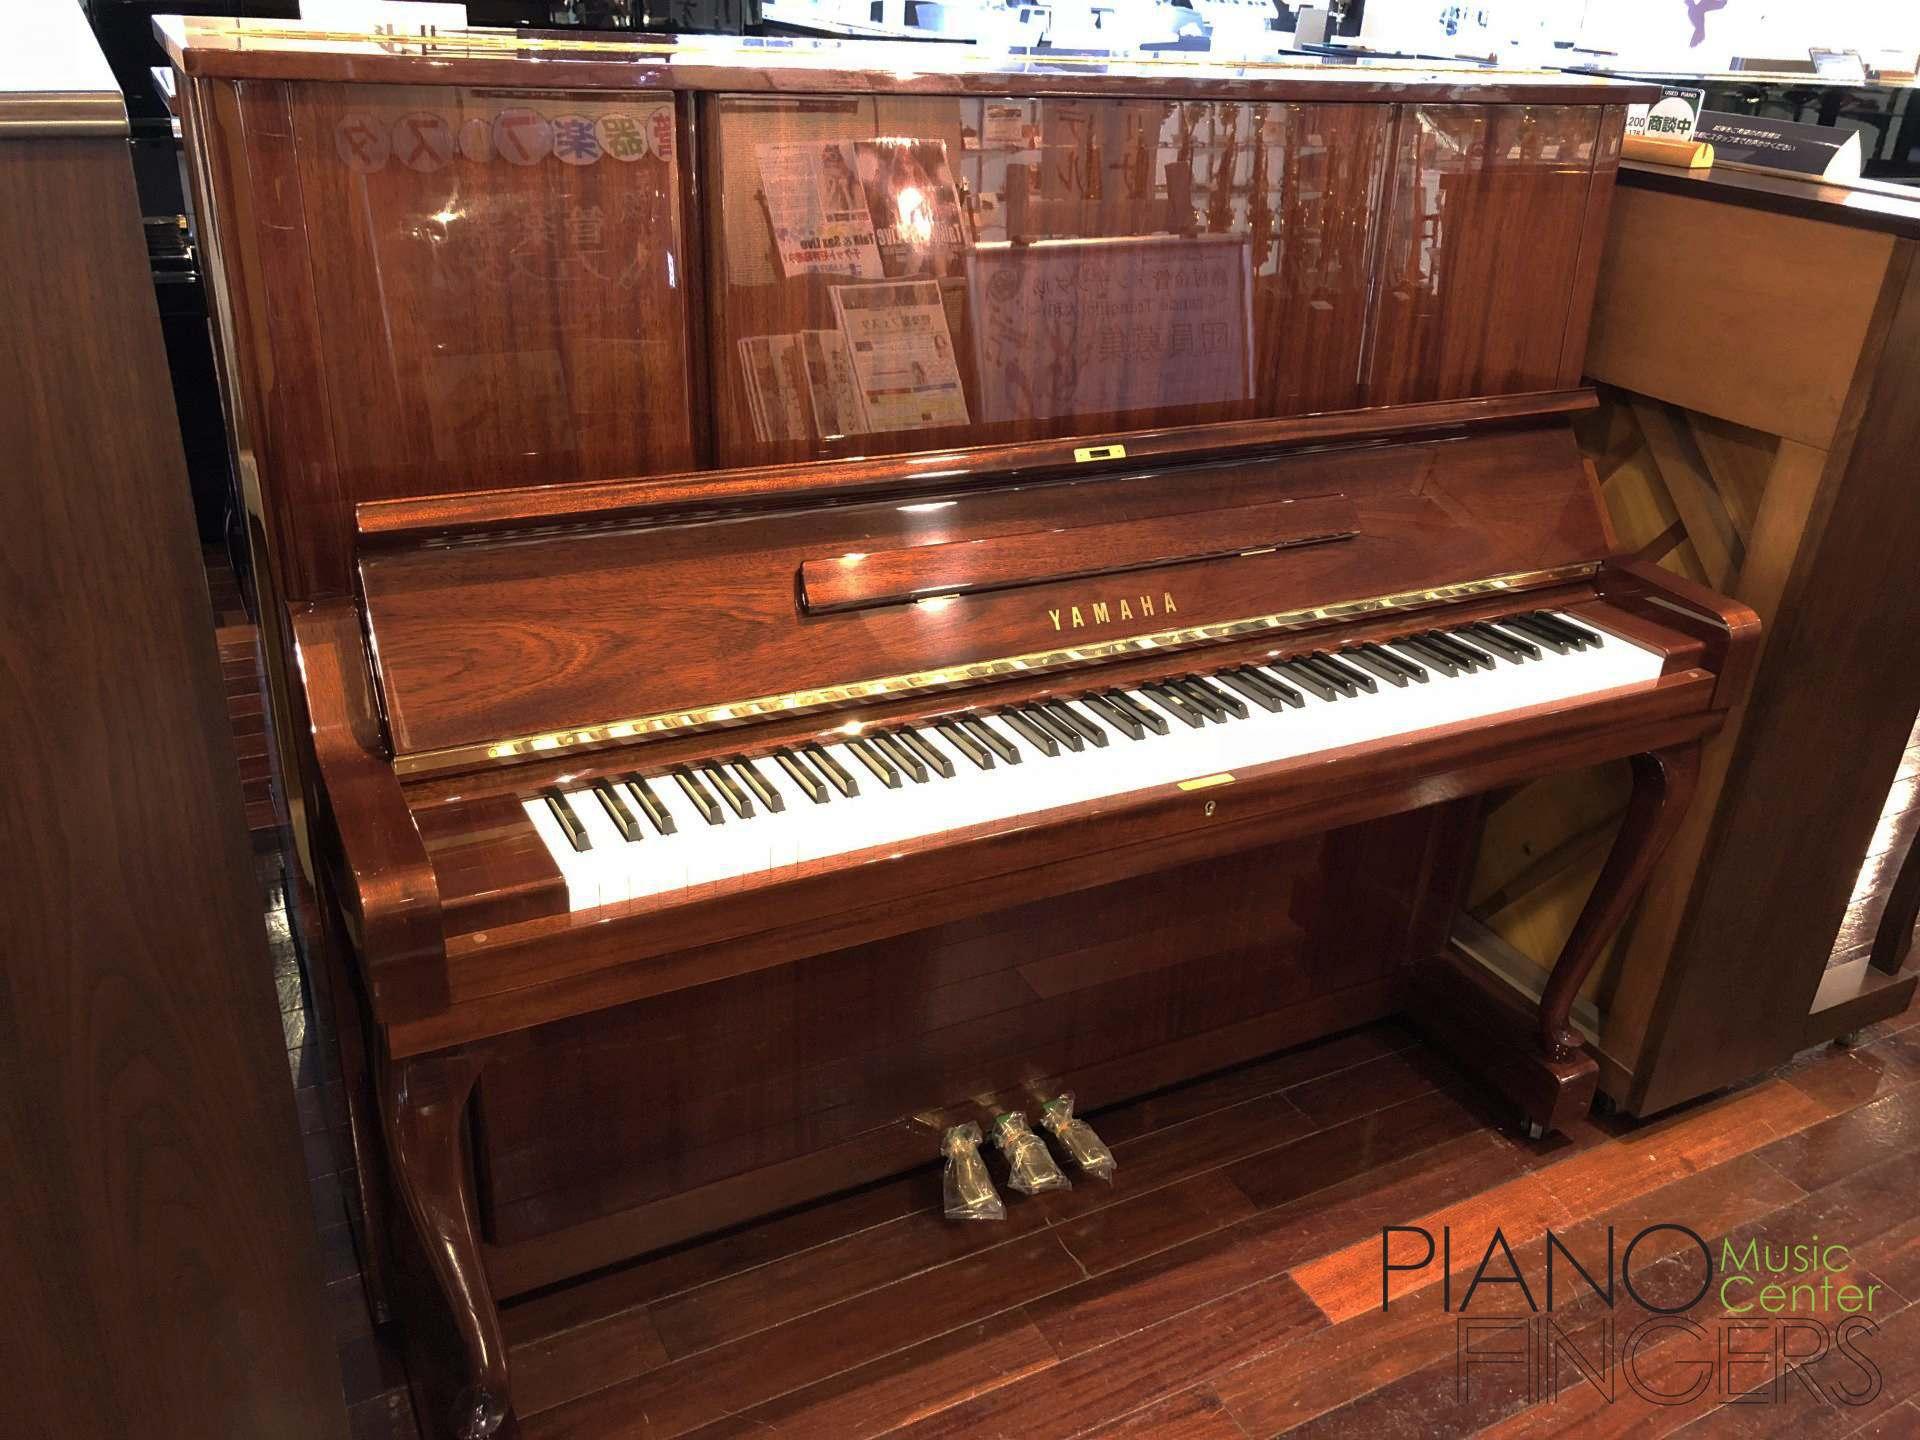 top-8-cay-dan-piano-co-yamaha-cu-dang-mua-nhat-2021-yamaha-w106